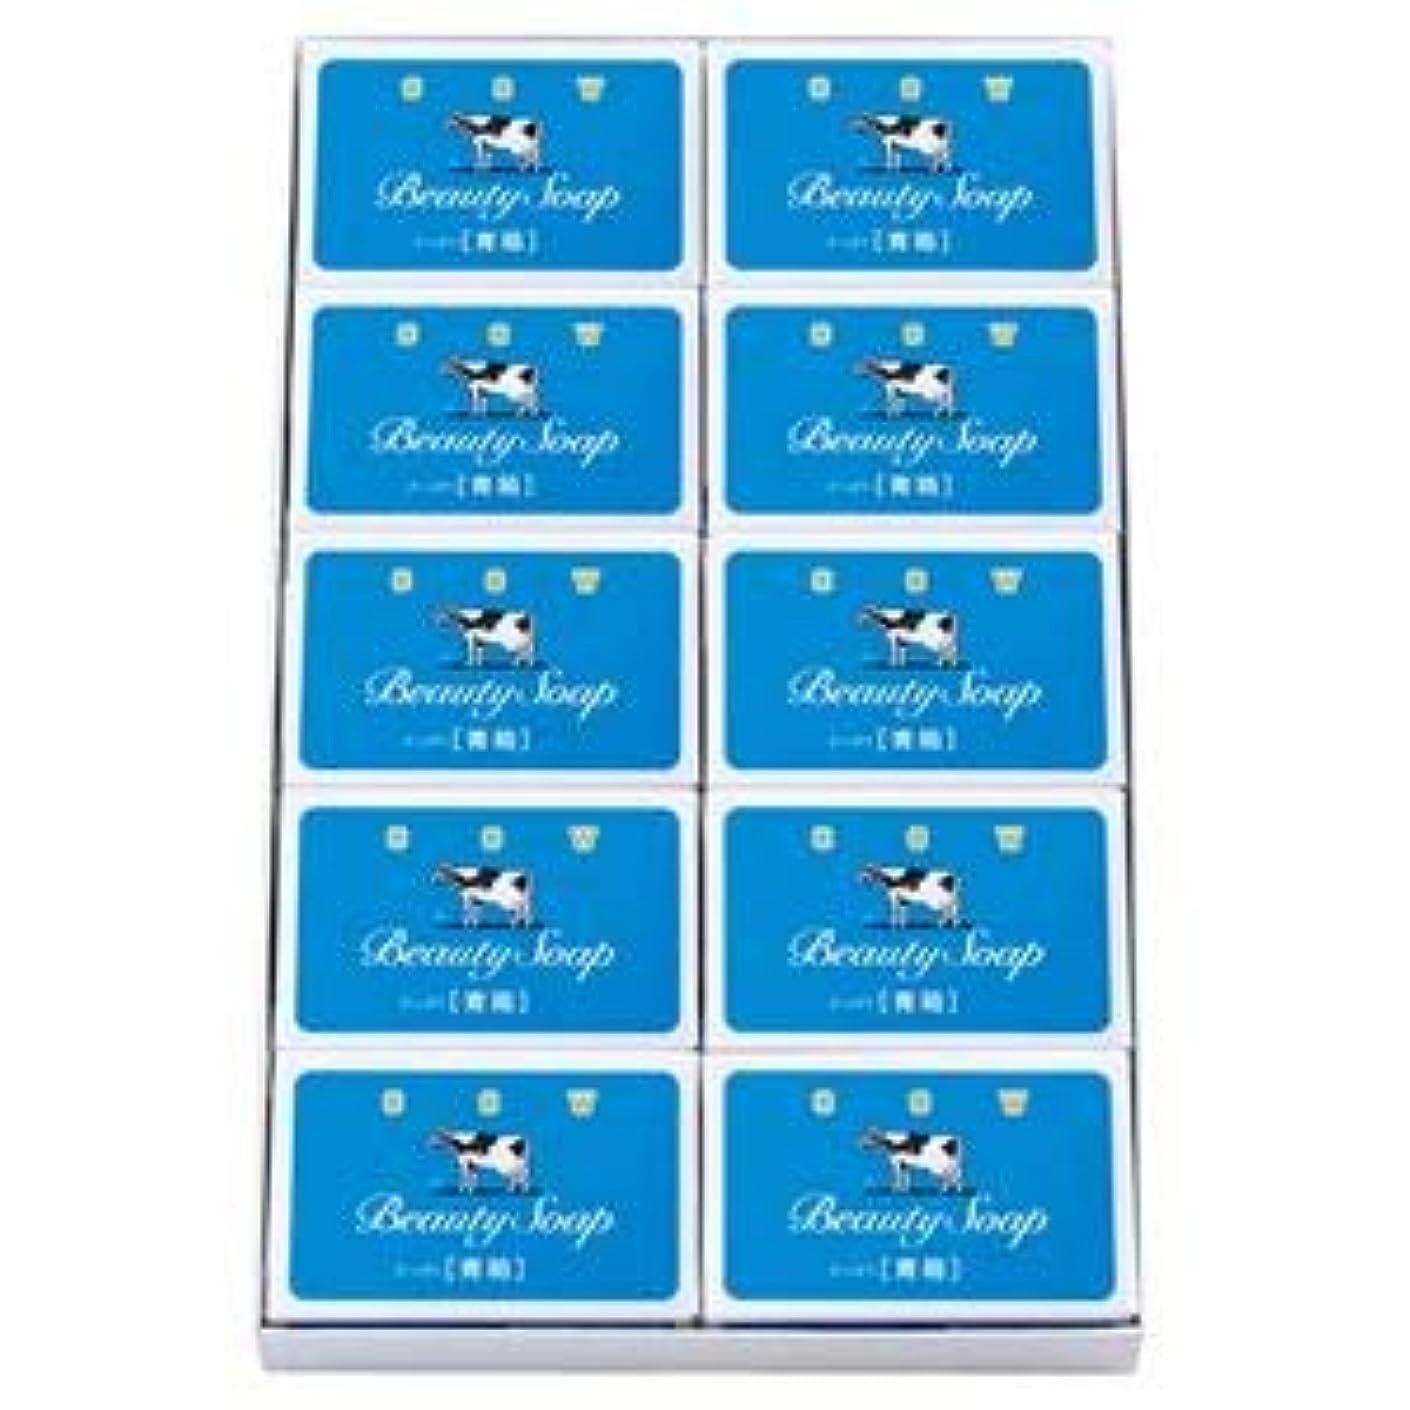 統合する微妙カレンダー【COW 牛乳石鹸 カウブランド】 ギフトセット/石けんセット 【青箱 10個入り】 化粧箱入 日本製 〔お中元 お歳暮 内祝い〕【代引不可】